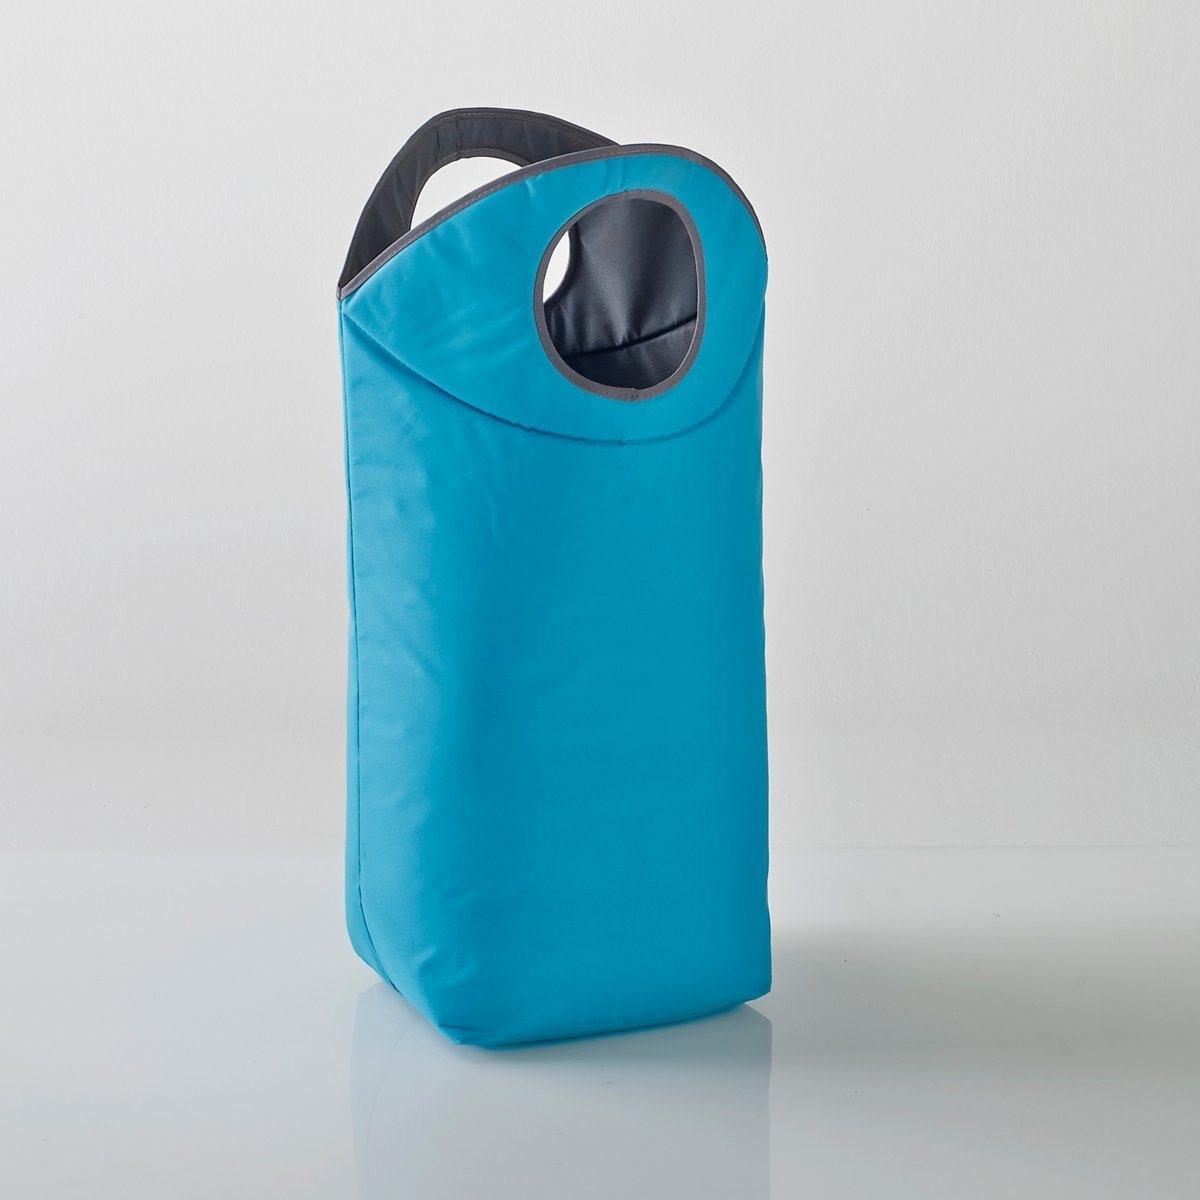 Корзина для белья или хранения.Характеристики корзины для белья или хранения:100% полиэстера. Двухцветные ручки, кант серого цвета.Размеры корзины для белья или хранения:Высота: 78 смШирина: 54 см.Глубина: 30 см.<br><br>Цвет: бирюзовый,темно-серый<br>Размер: единый размер